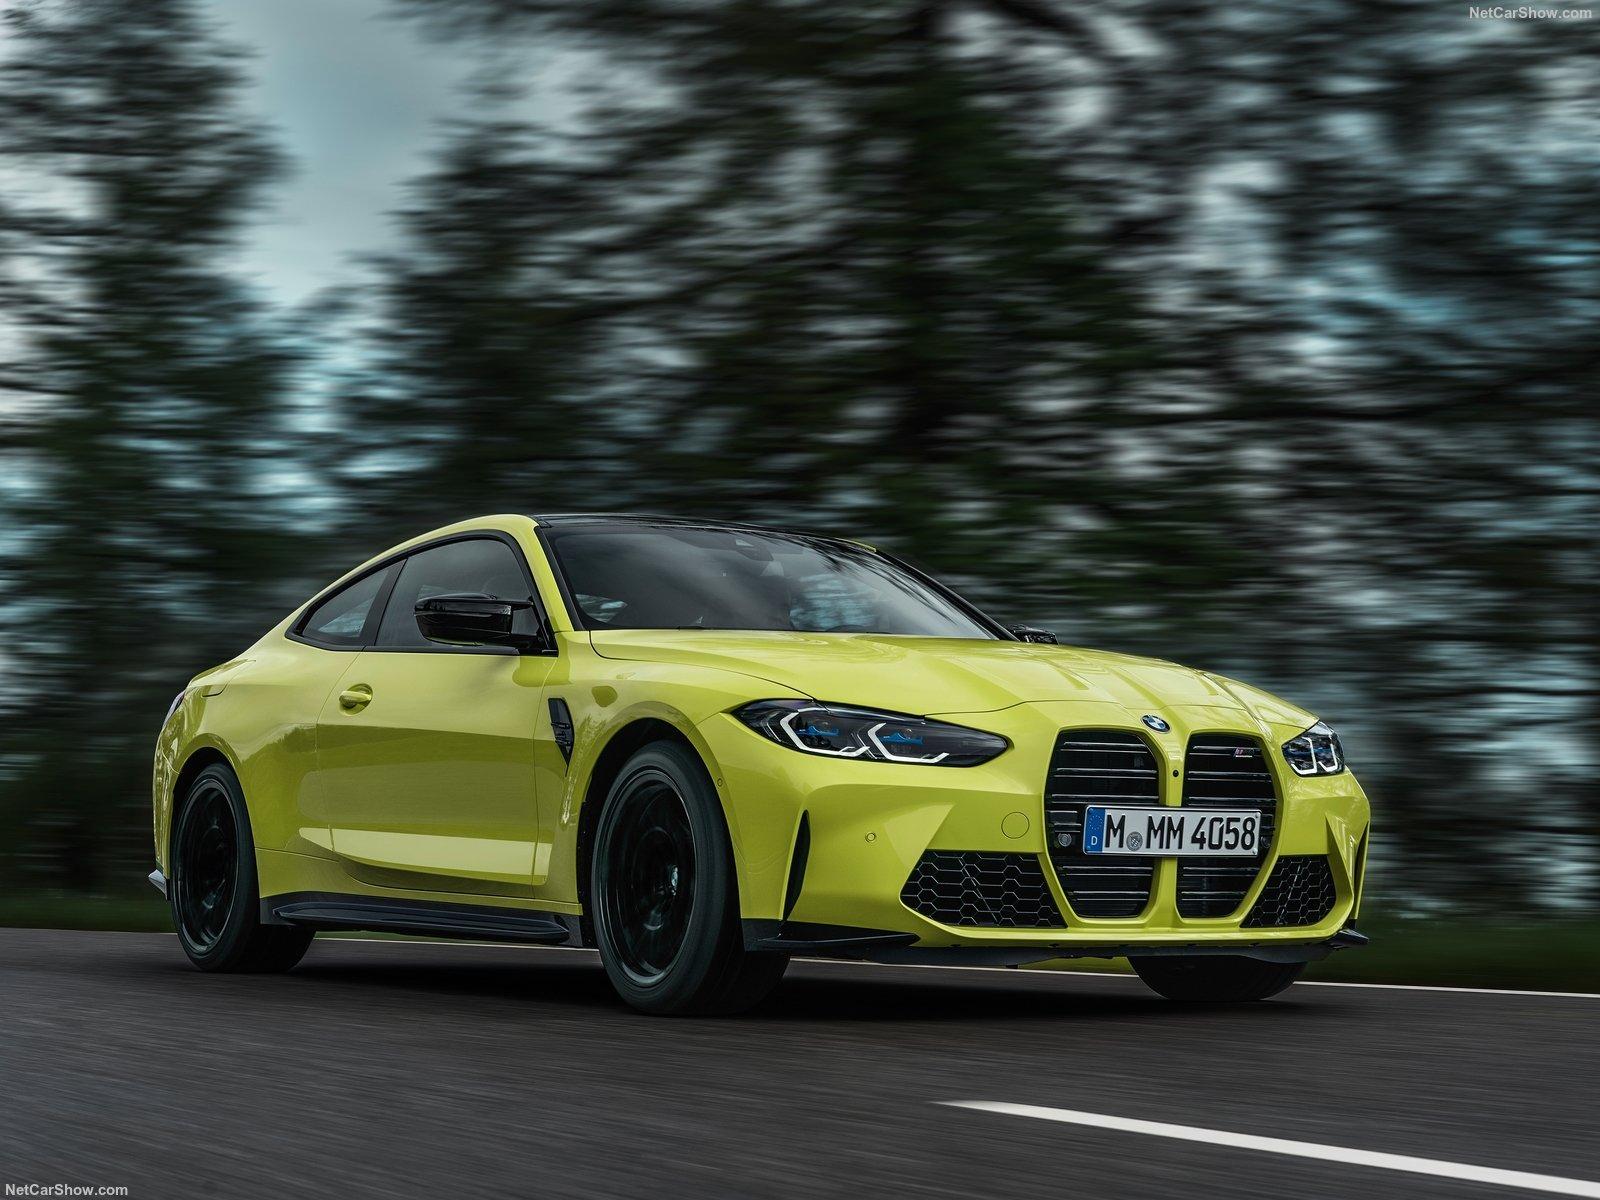 Nuova BMW M4 Coupe Competition: la berlina da 510 cv